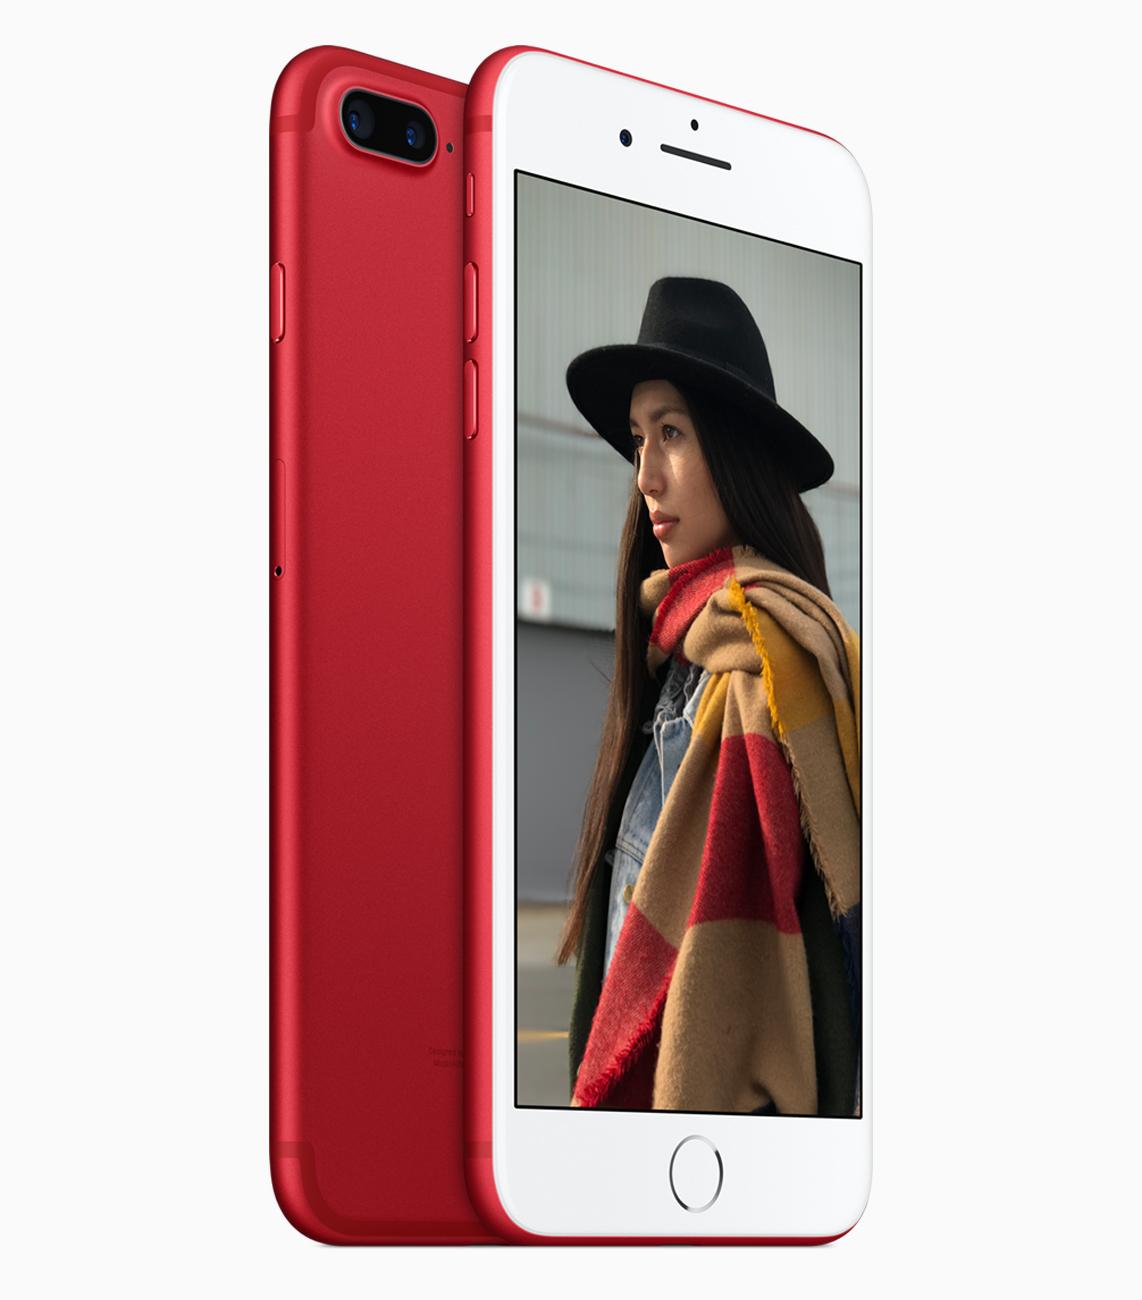 Baru Apple Hadirkan Iphone 7 Warna Merah Jagat Gadget